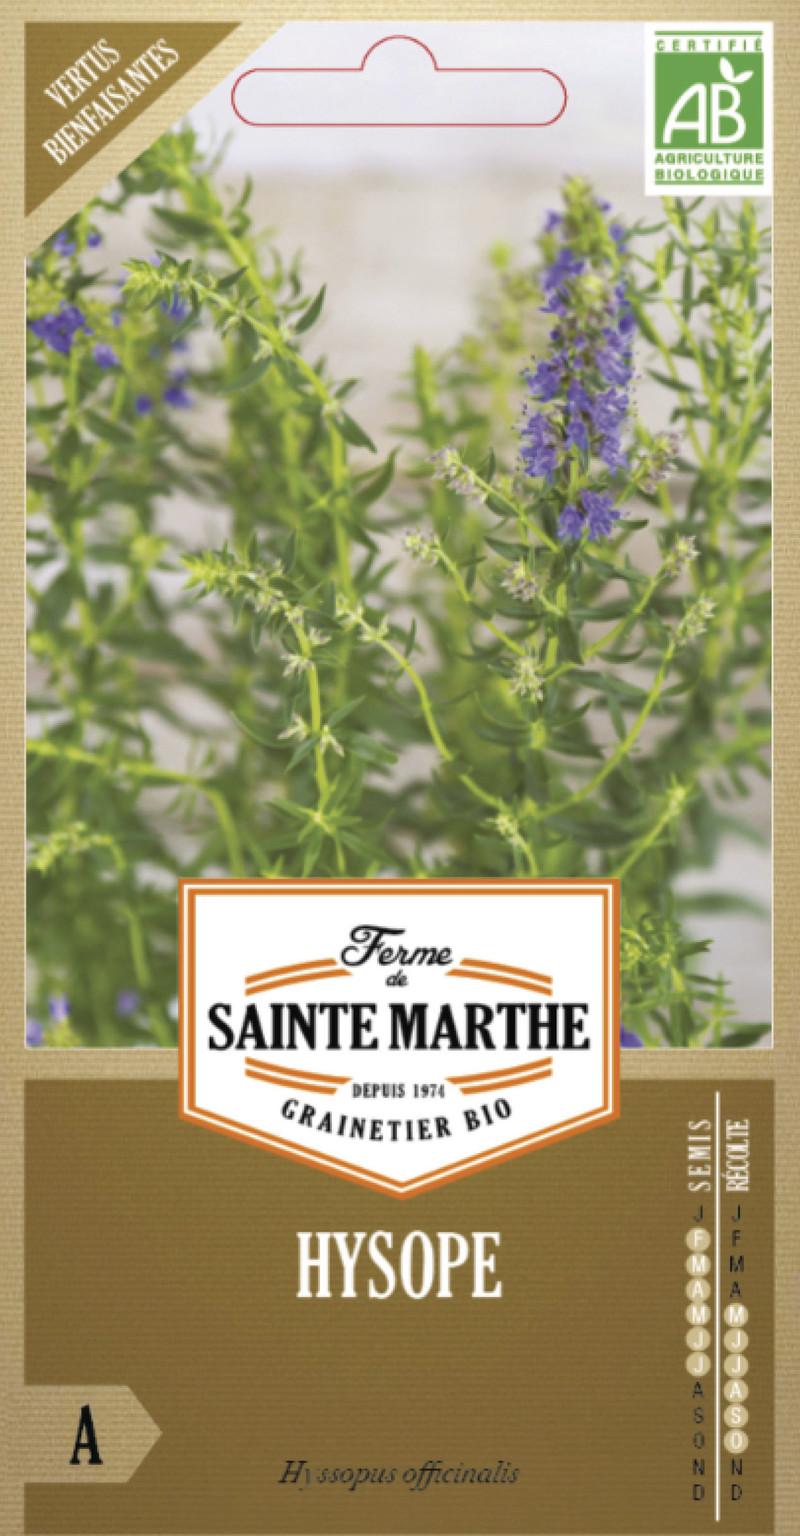 hysope bio la ferme de sainte marthe graine semence aromatique sachet semis - Voir en grand